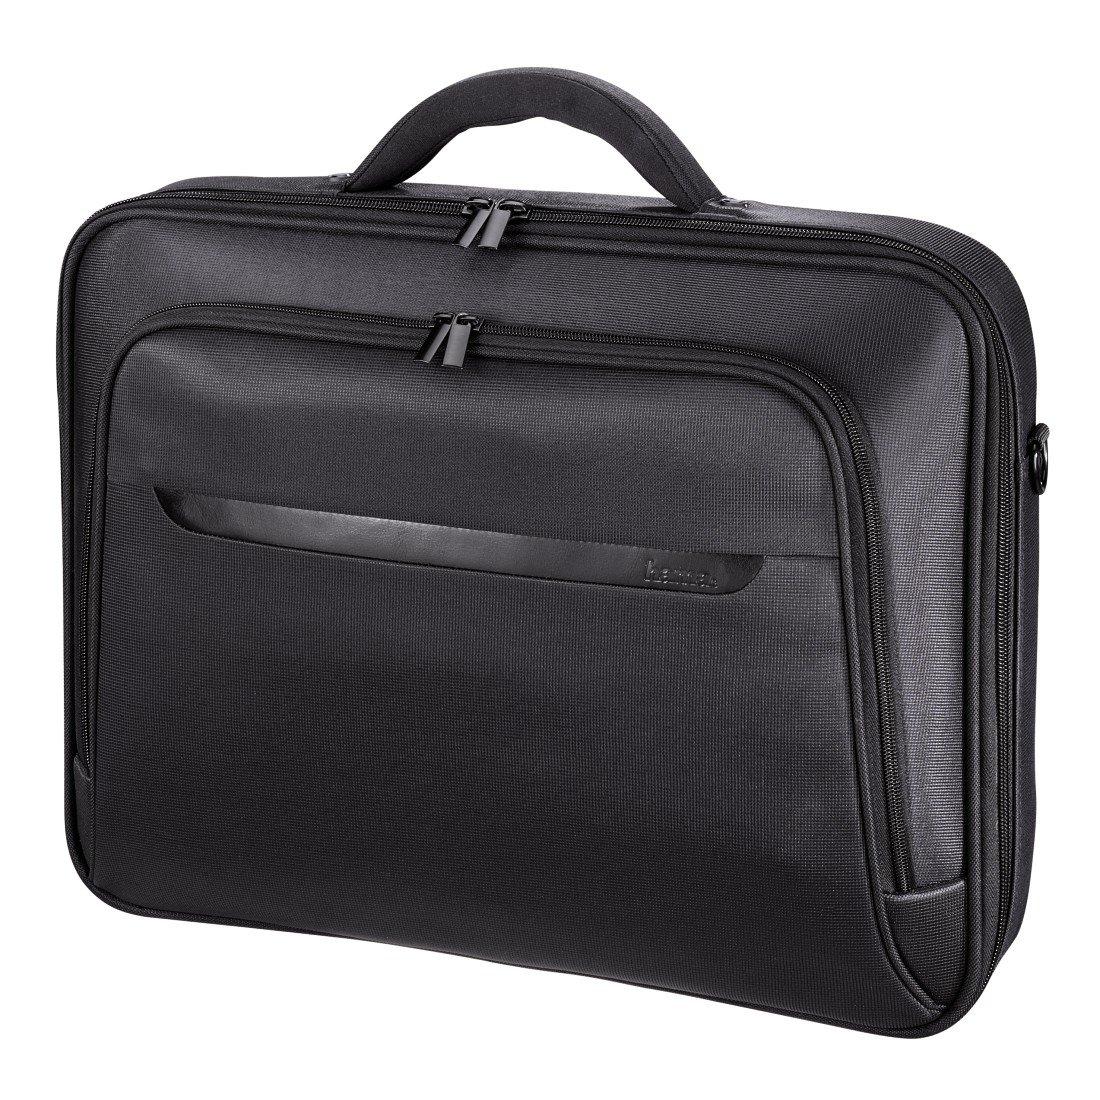 Hama Notebooktasche Miami Life für Laptop / Tablet mit Bildschirmdiagonale 17,3 Zoll / 44 cm, Laptoptasche schwarz 00101219